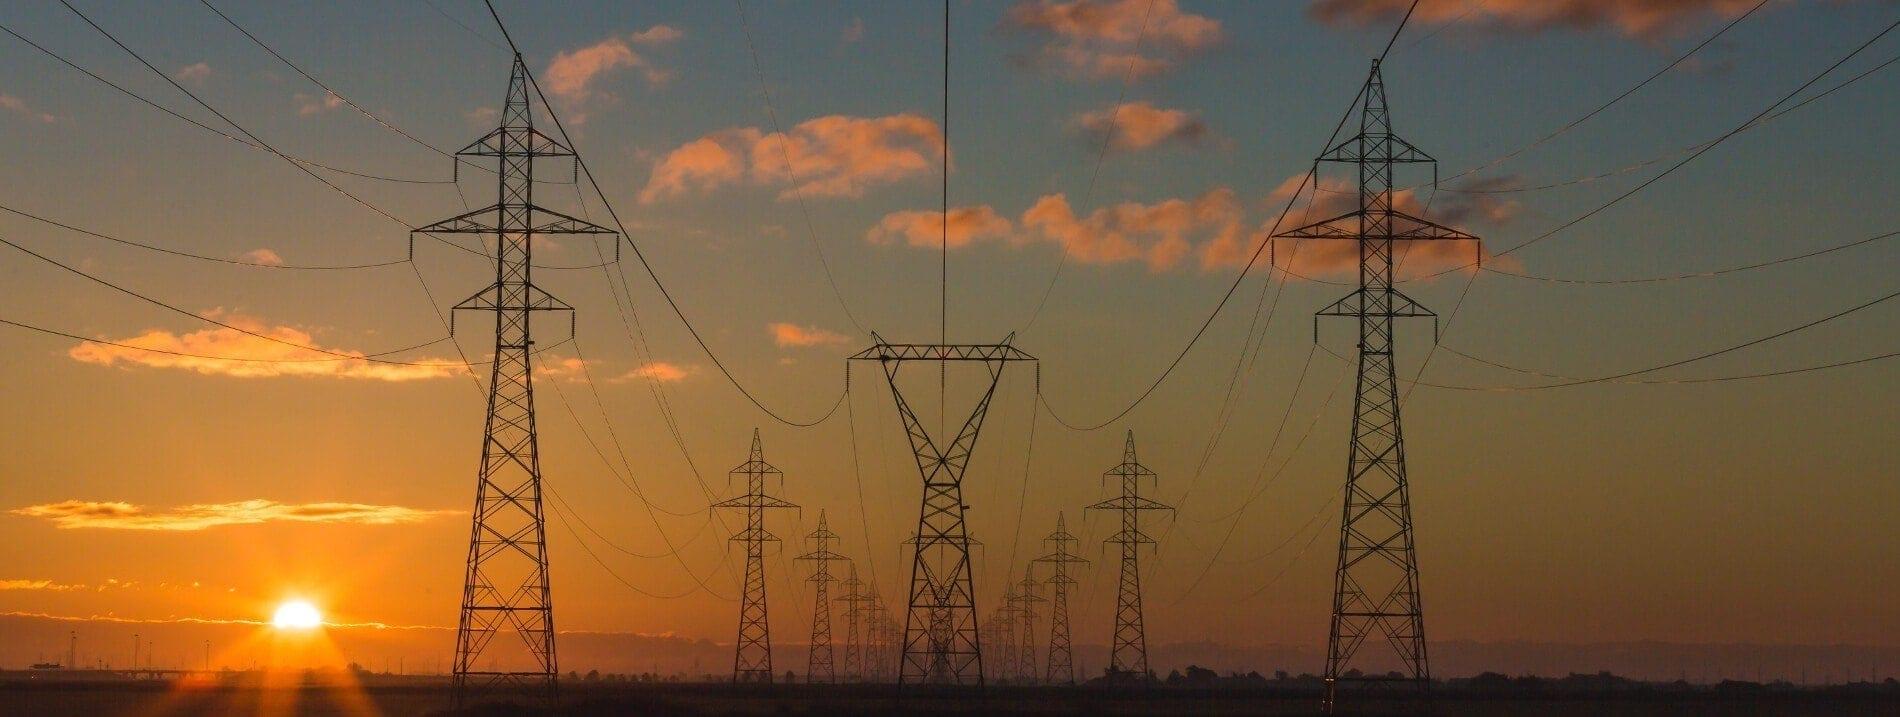 Torres eléctricas suministrando energía